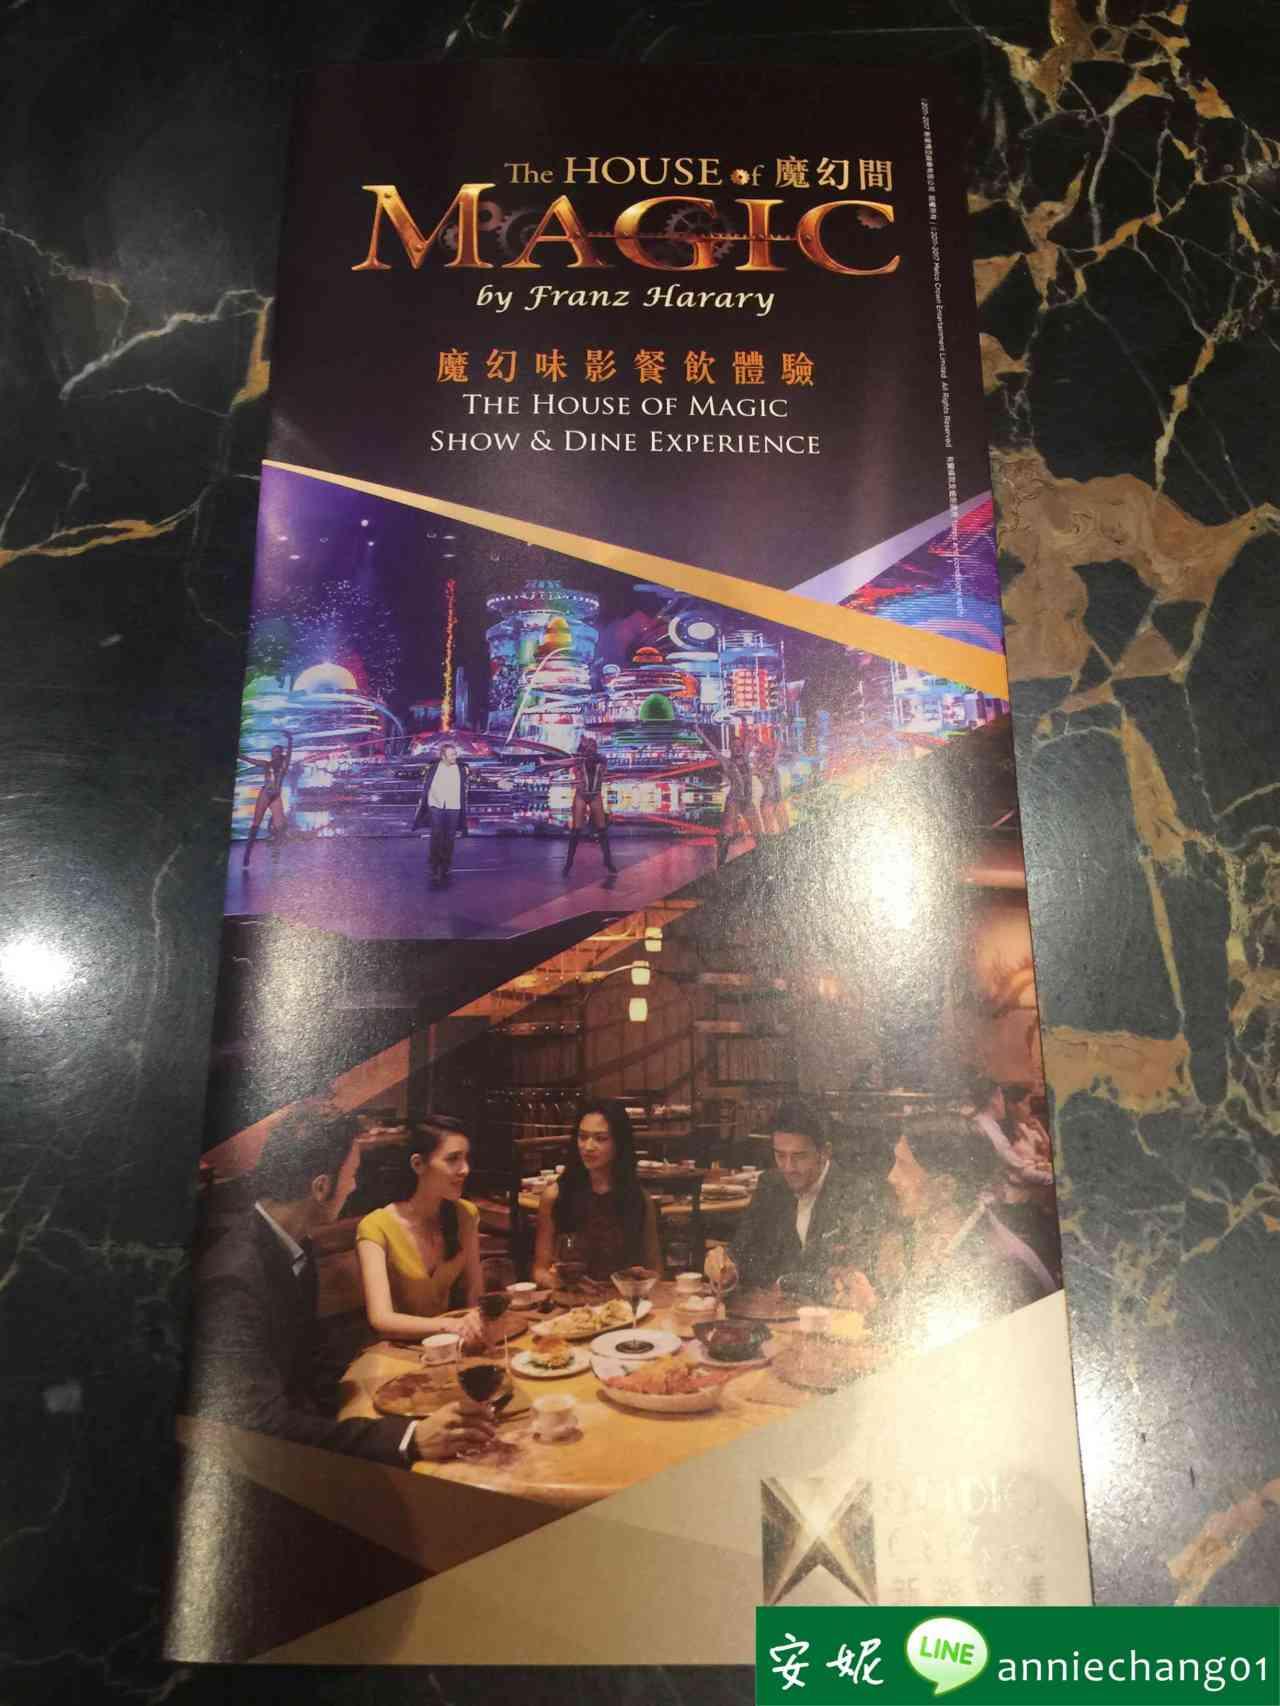 【澳門 新濠影匯】Studio City 好棒的魔術秀